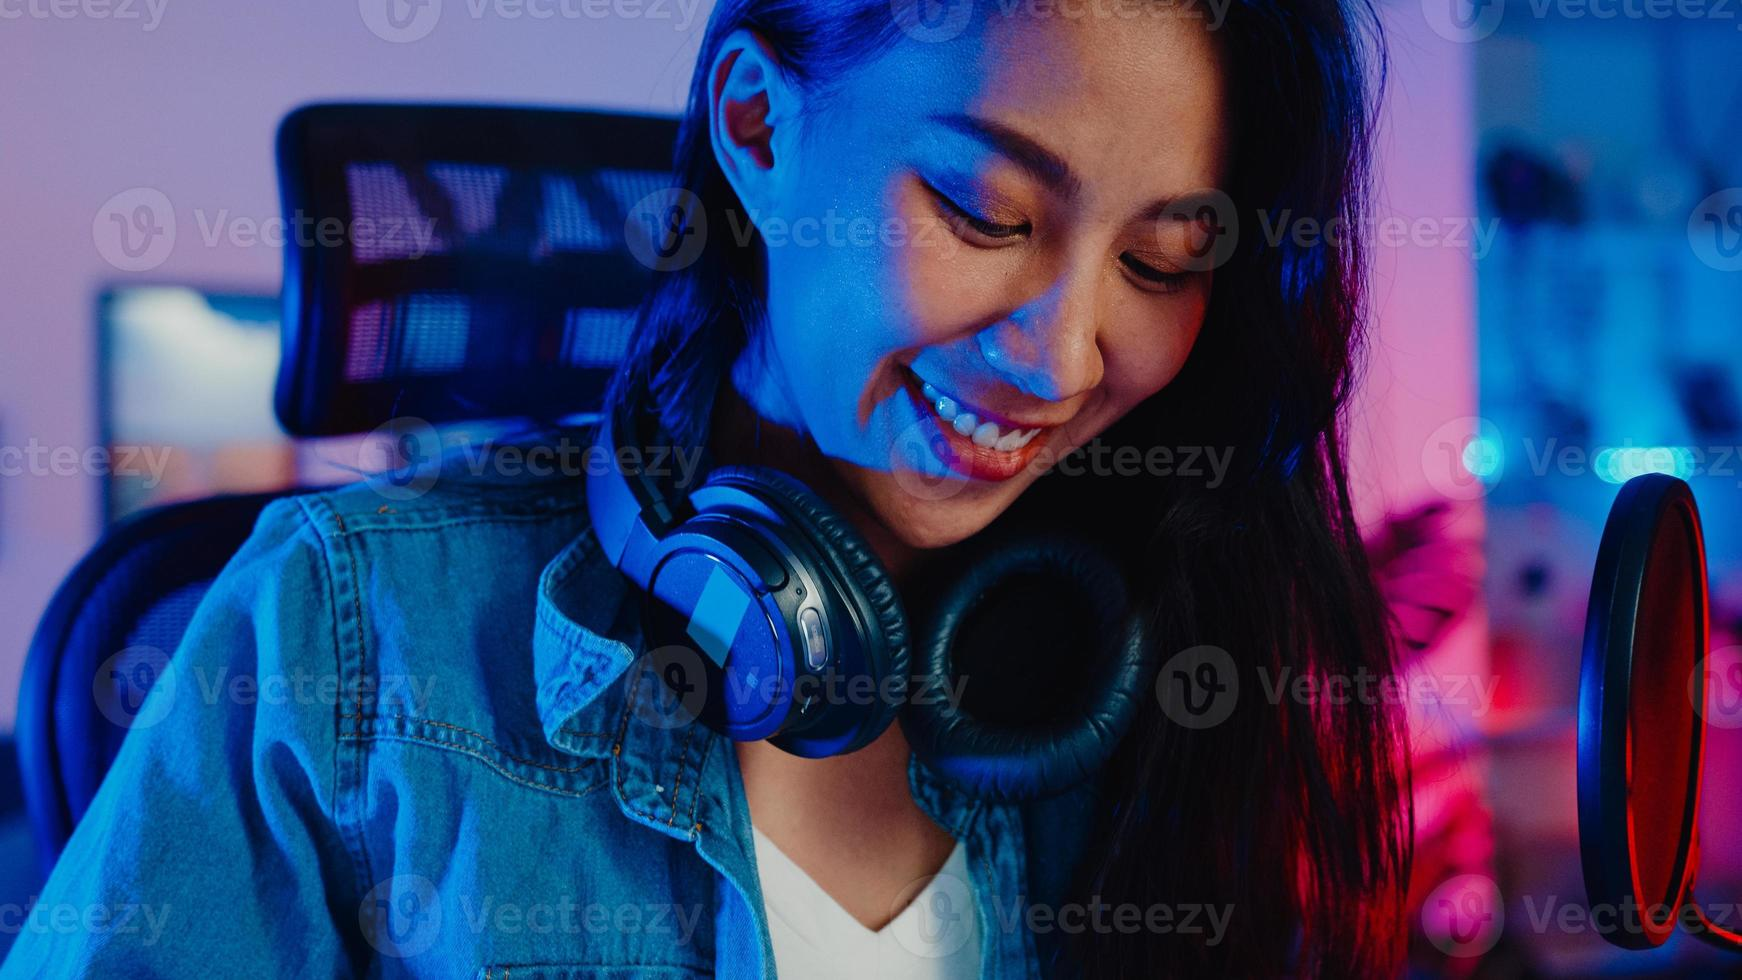 gelukkig azië meisje blogger spelen synthesizer toetsenbord dragen hoofdtelefoon en opnemen muziek met sound mixer op laptop in woonkamer thuisstudio 's nachts. maker van muziekinhoud, zelfstudie, uitzendconcept. foto